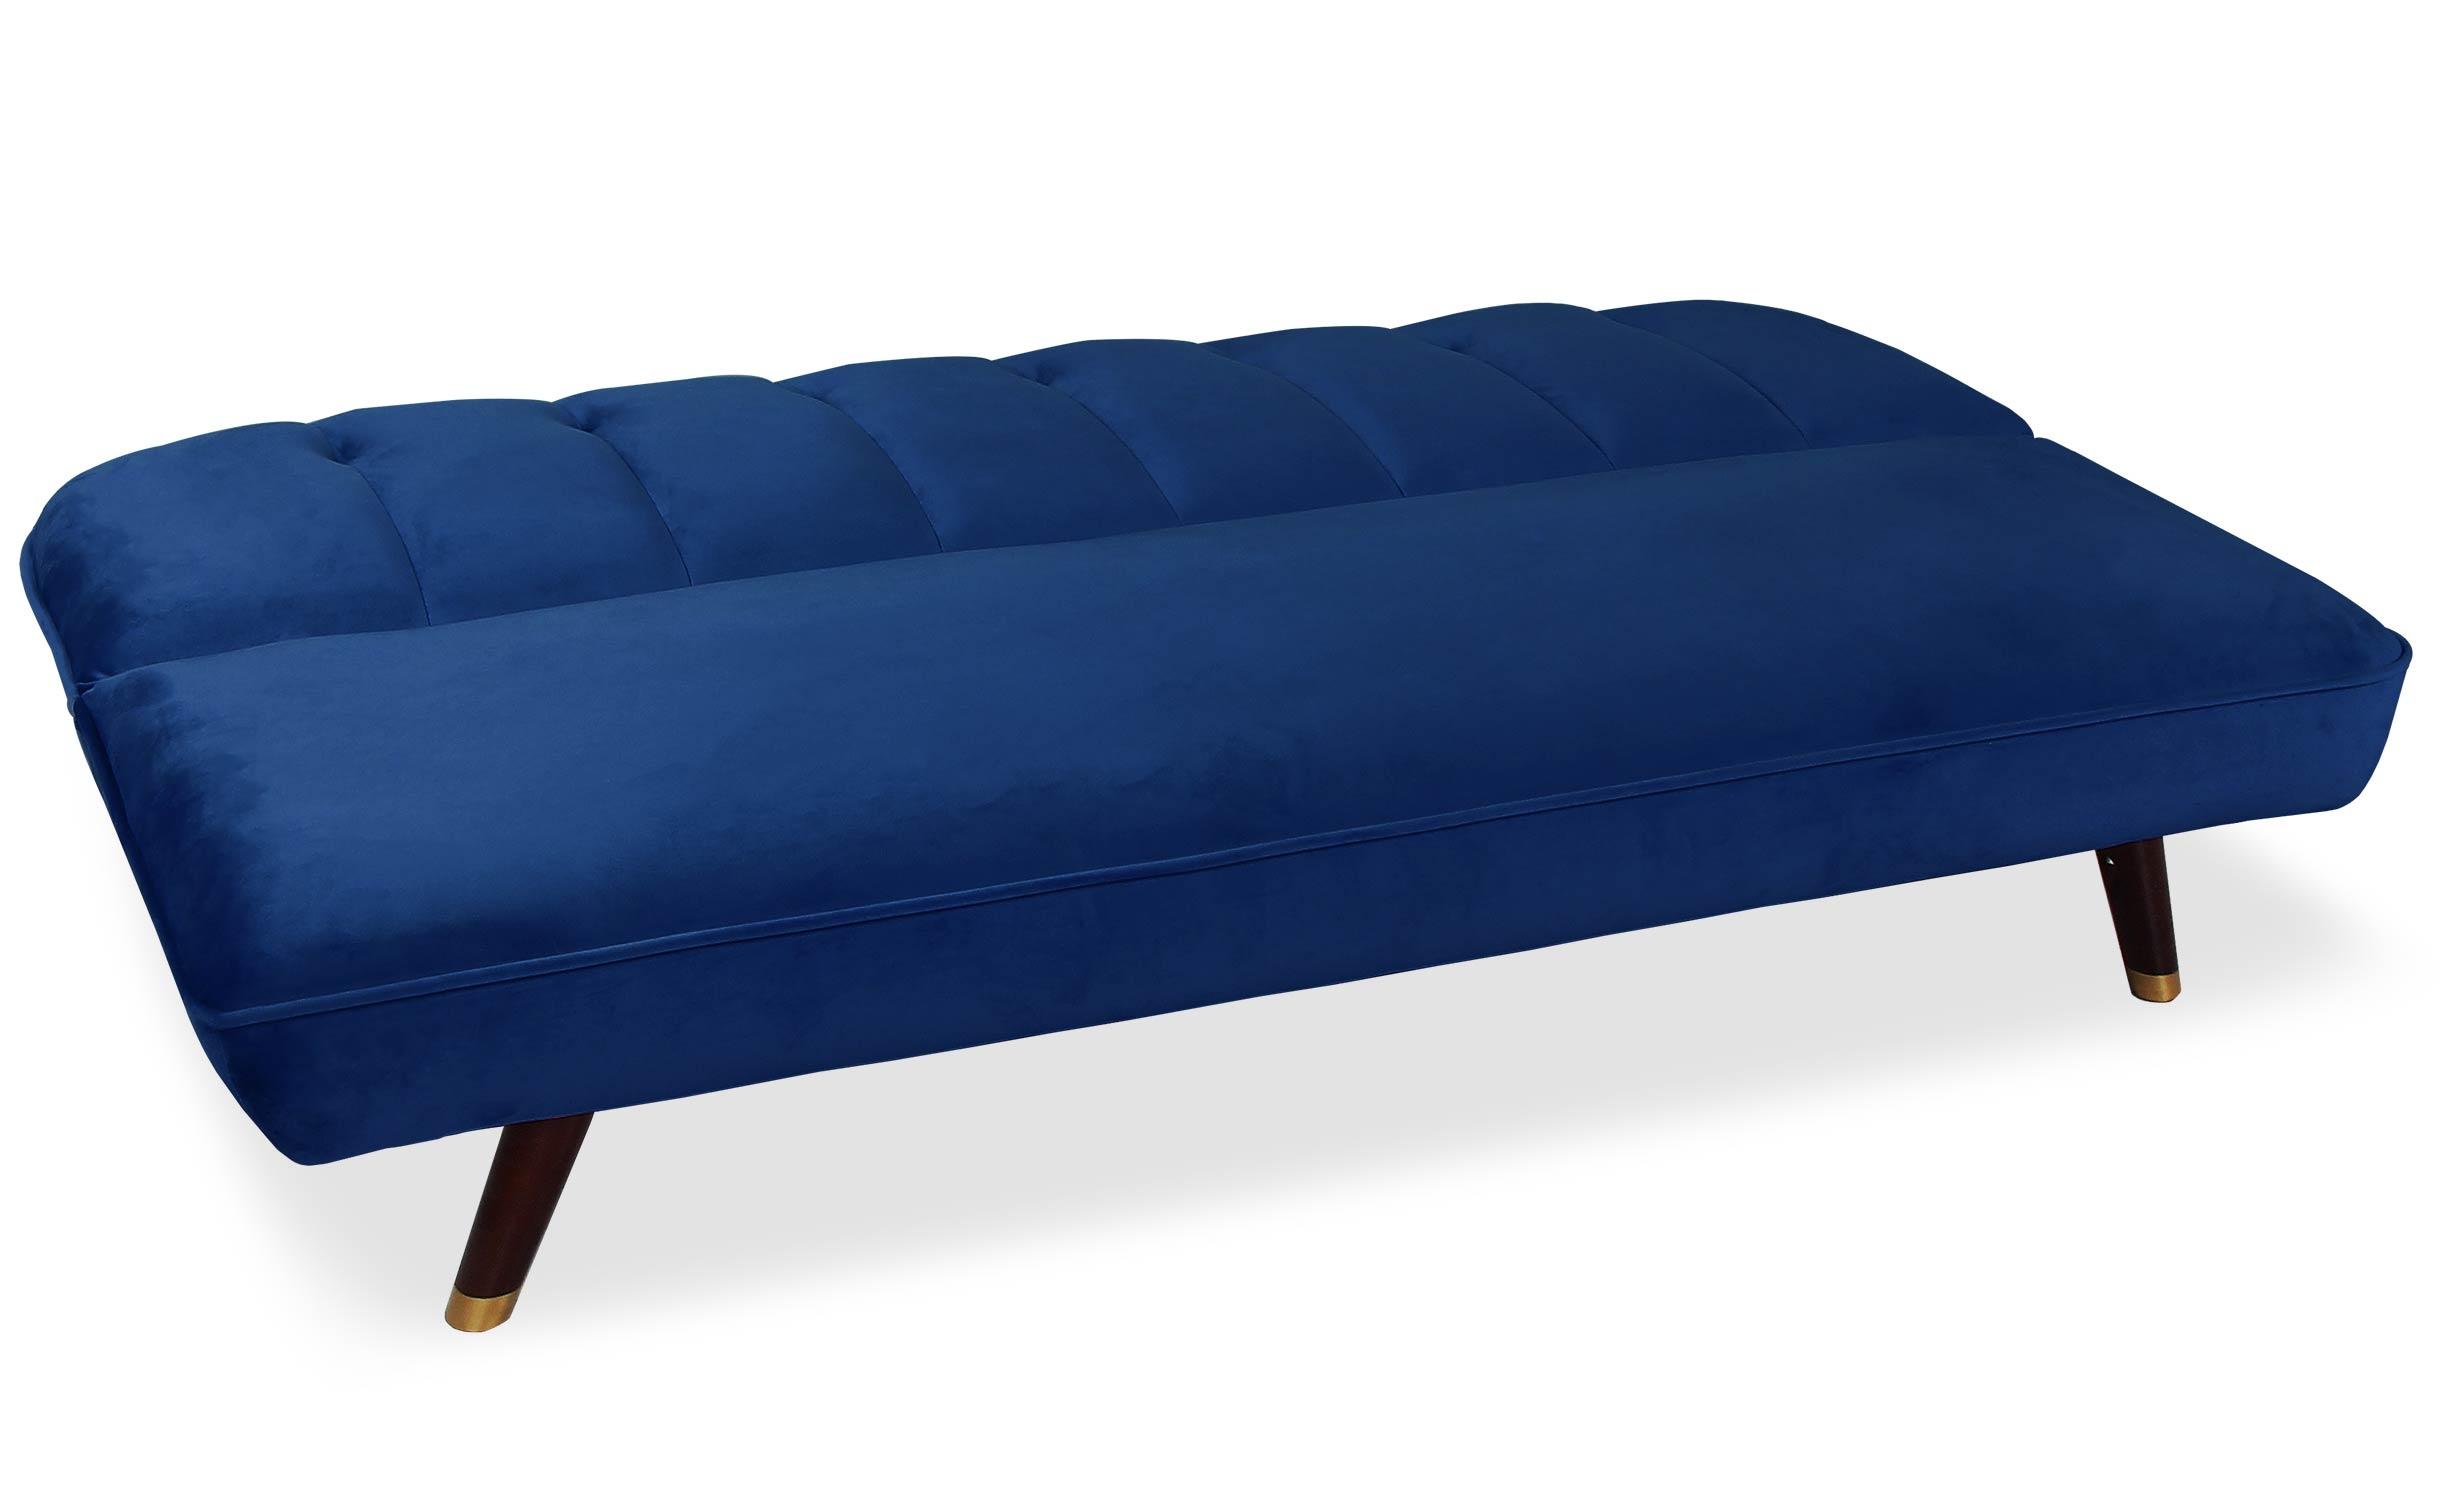 Olympia Schlafsofa mit Samtbezug Blau